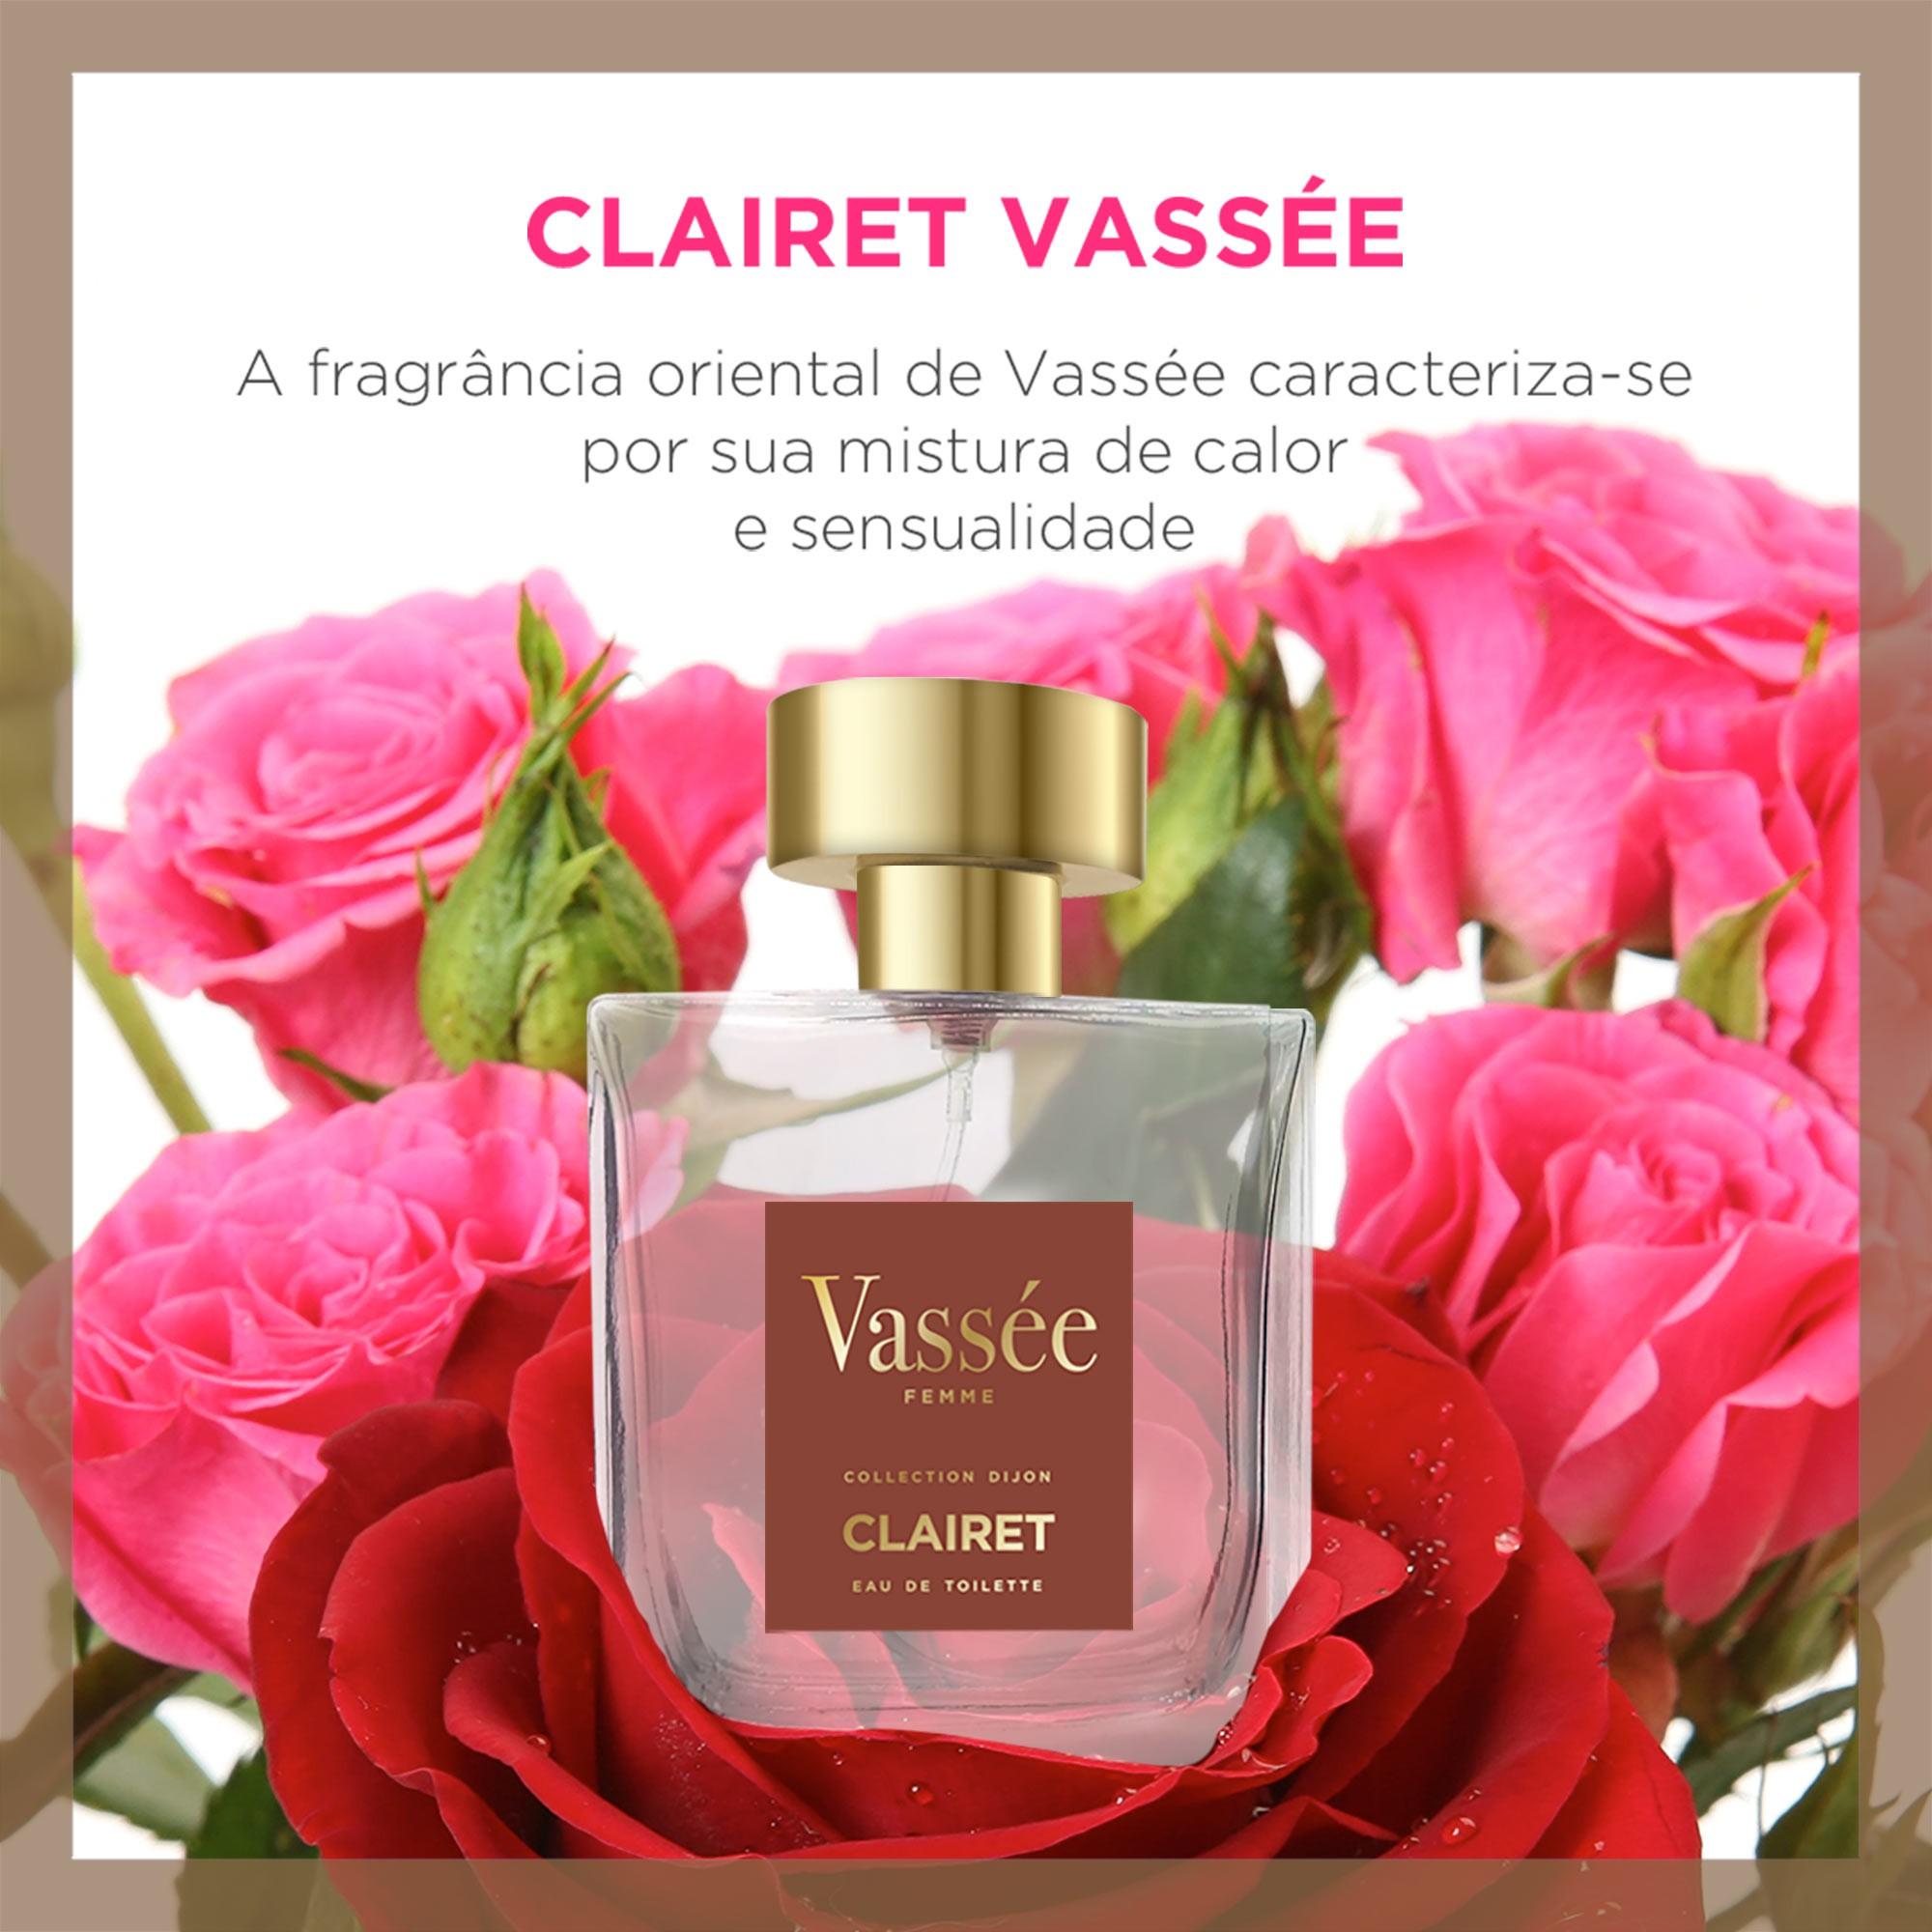 Clairet Vassée - Collection Dijon